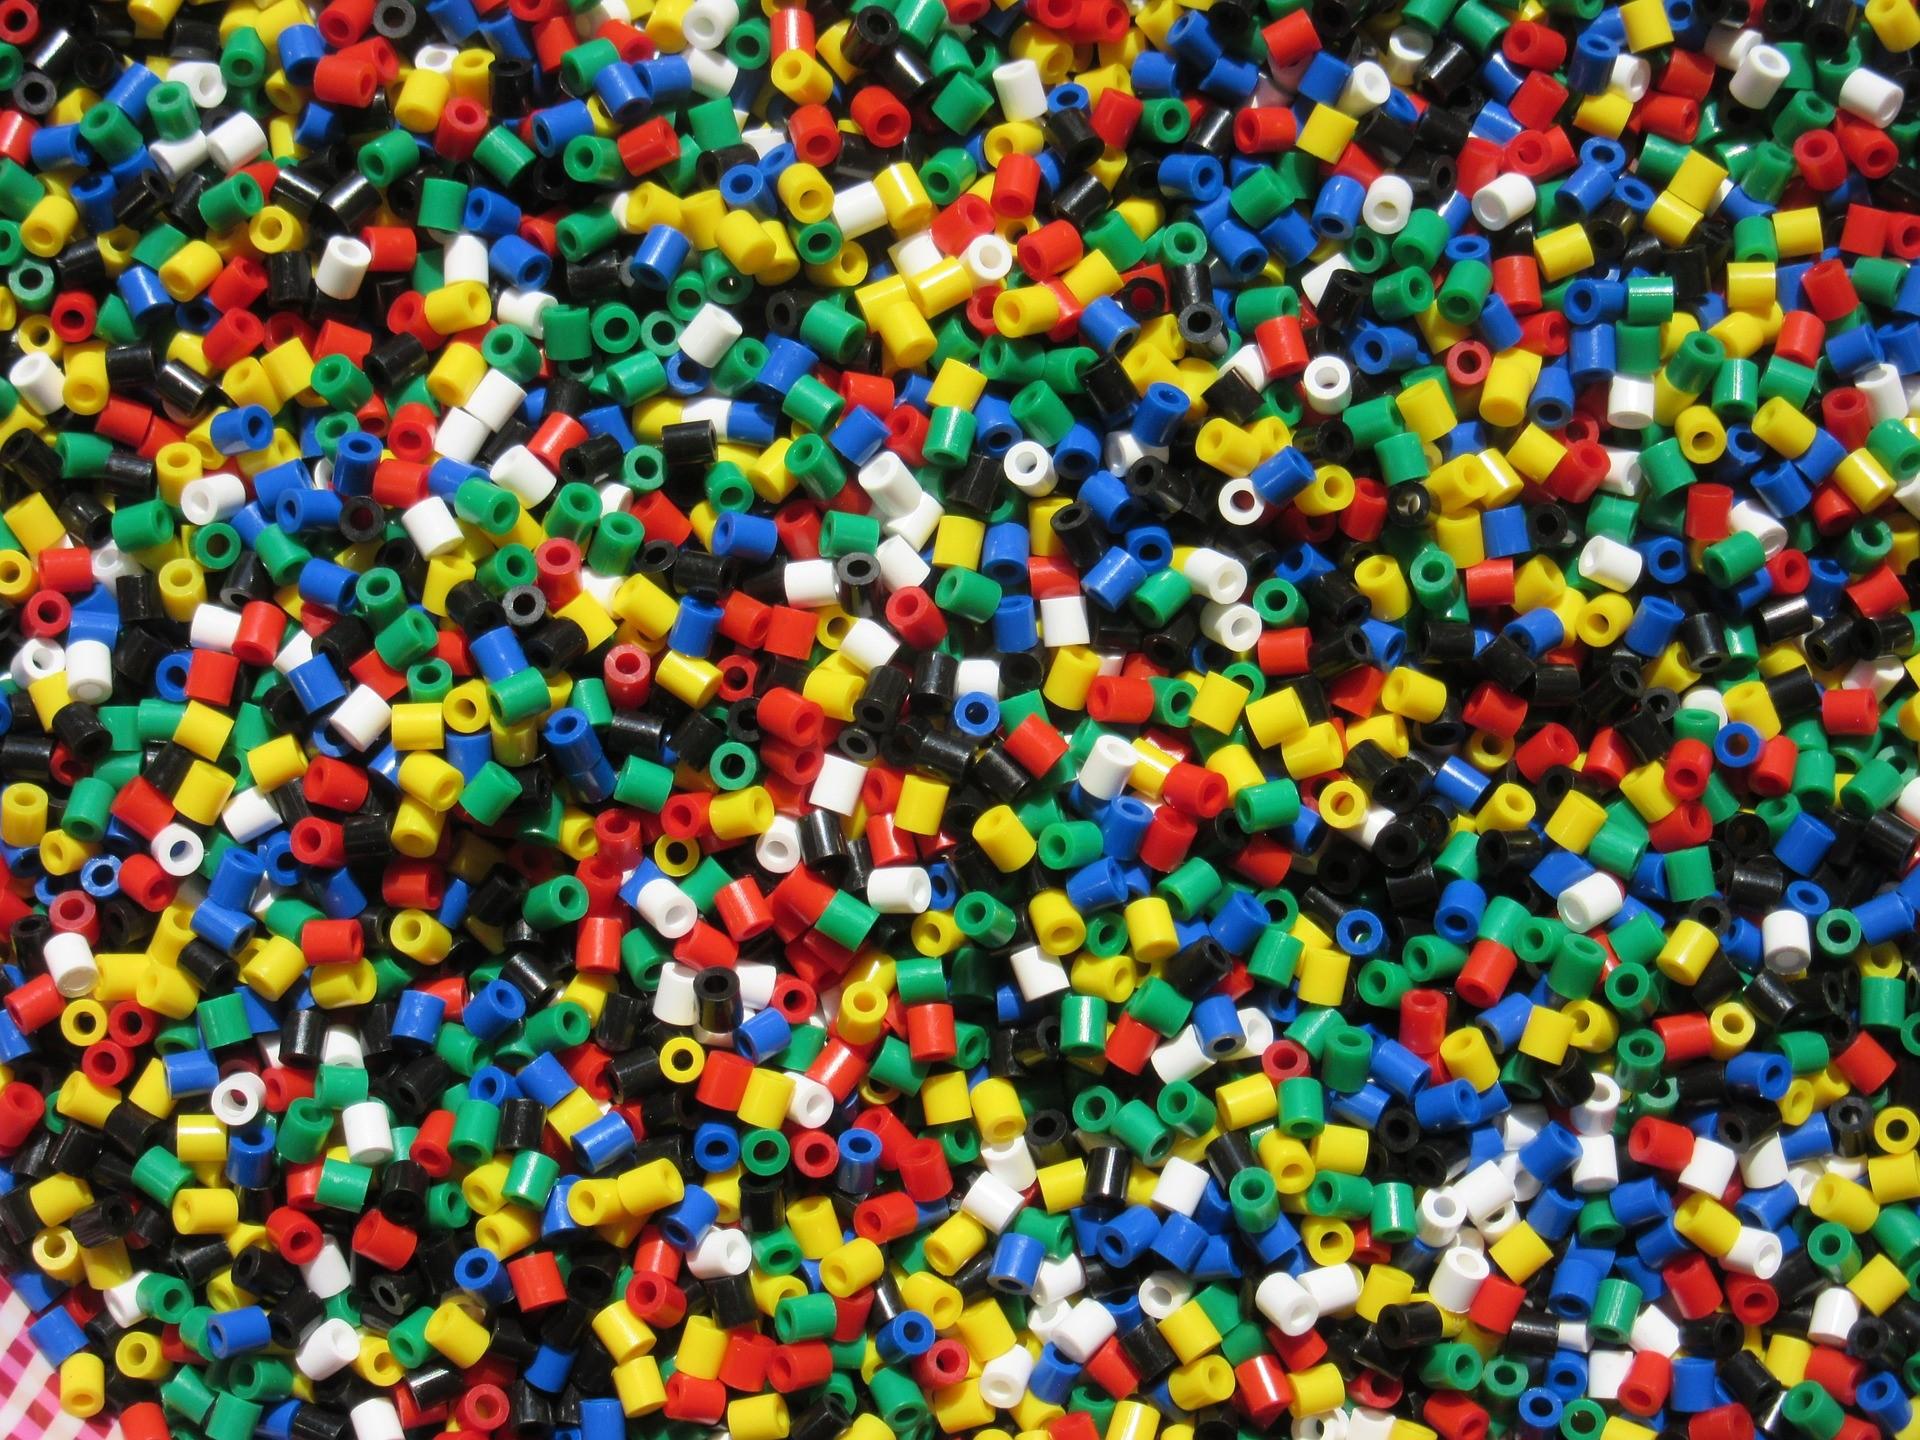 Até 2050 haverá 12 mil toneladas de resíduos plásticos em aterros e oceanos / Foto: Pixabay